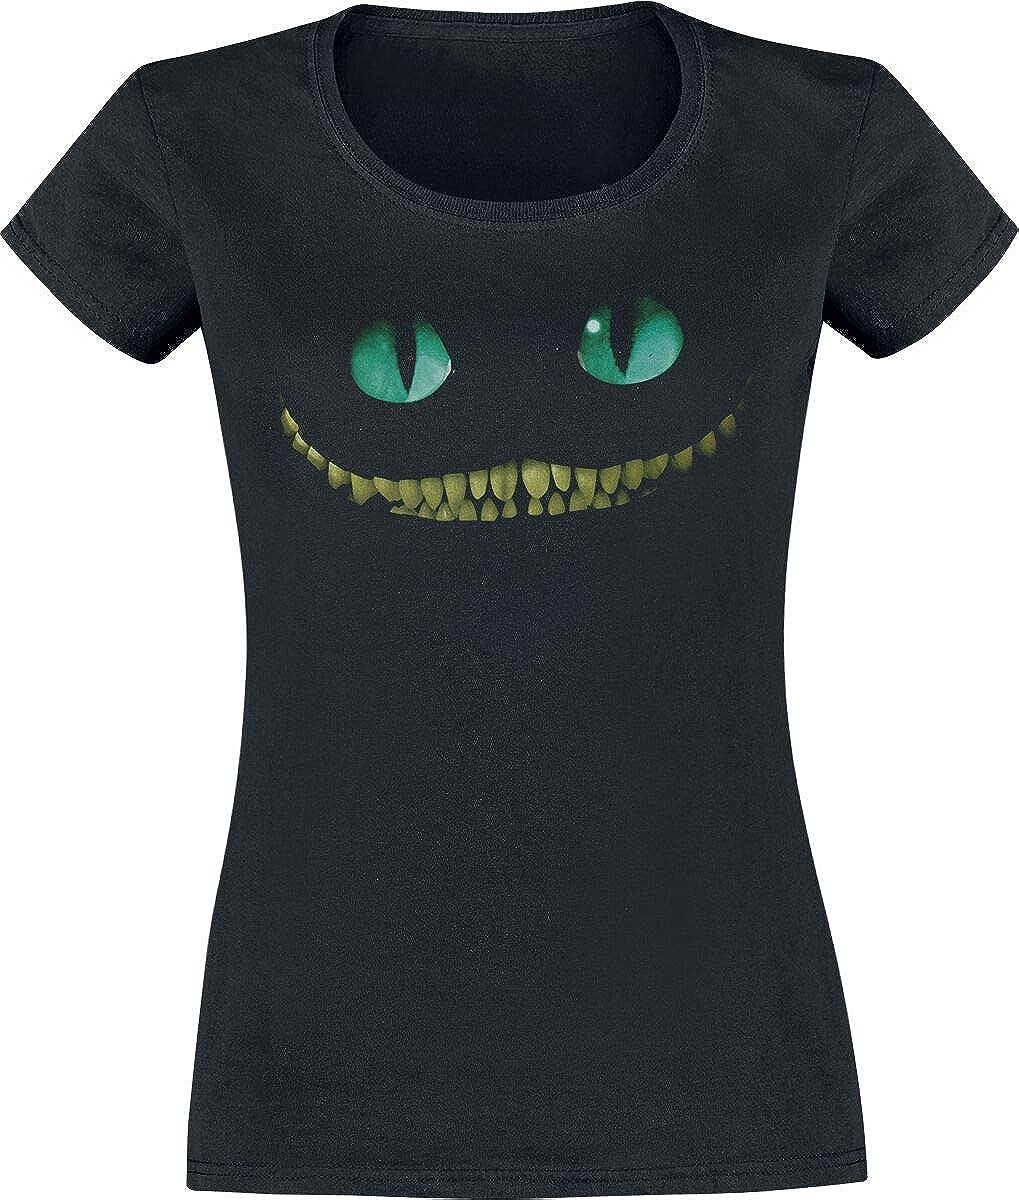 Alice in Wonderland Girocollo sagomata Nero S T-Shirt per ragazze con motivo dello Stregatto Tratta dal film di Tim Burton